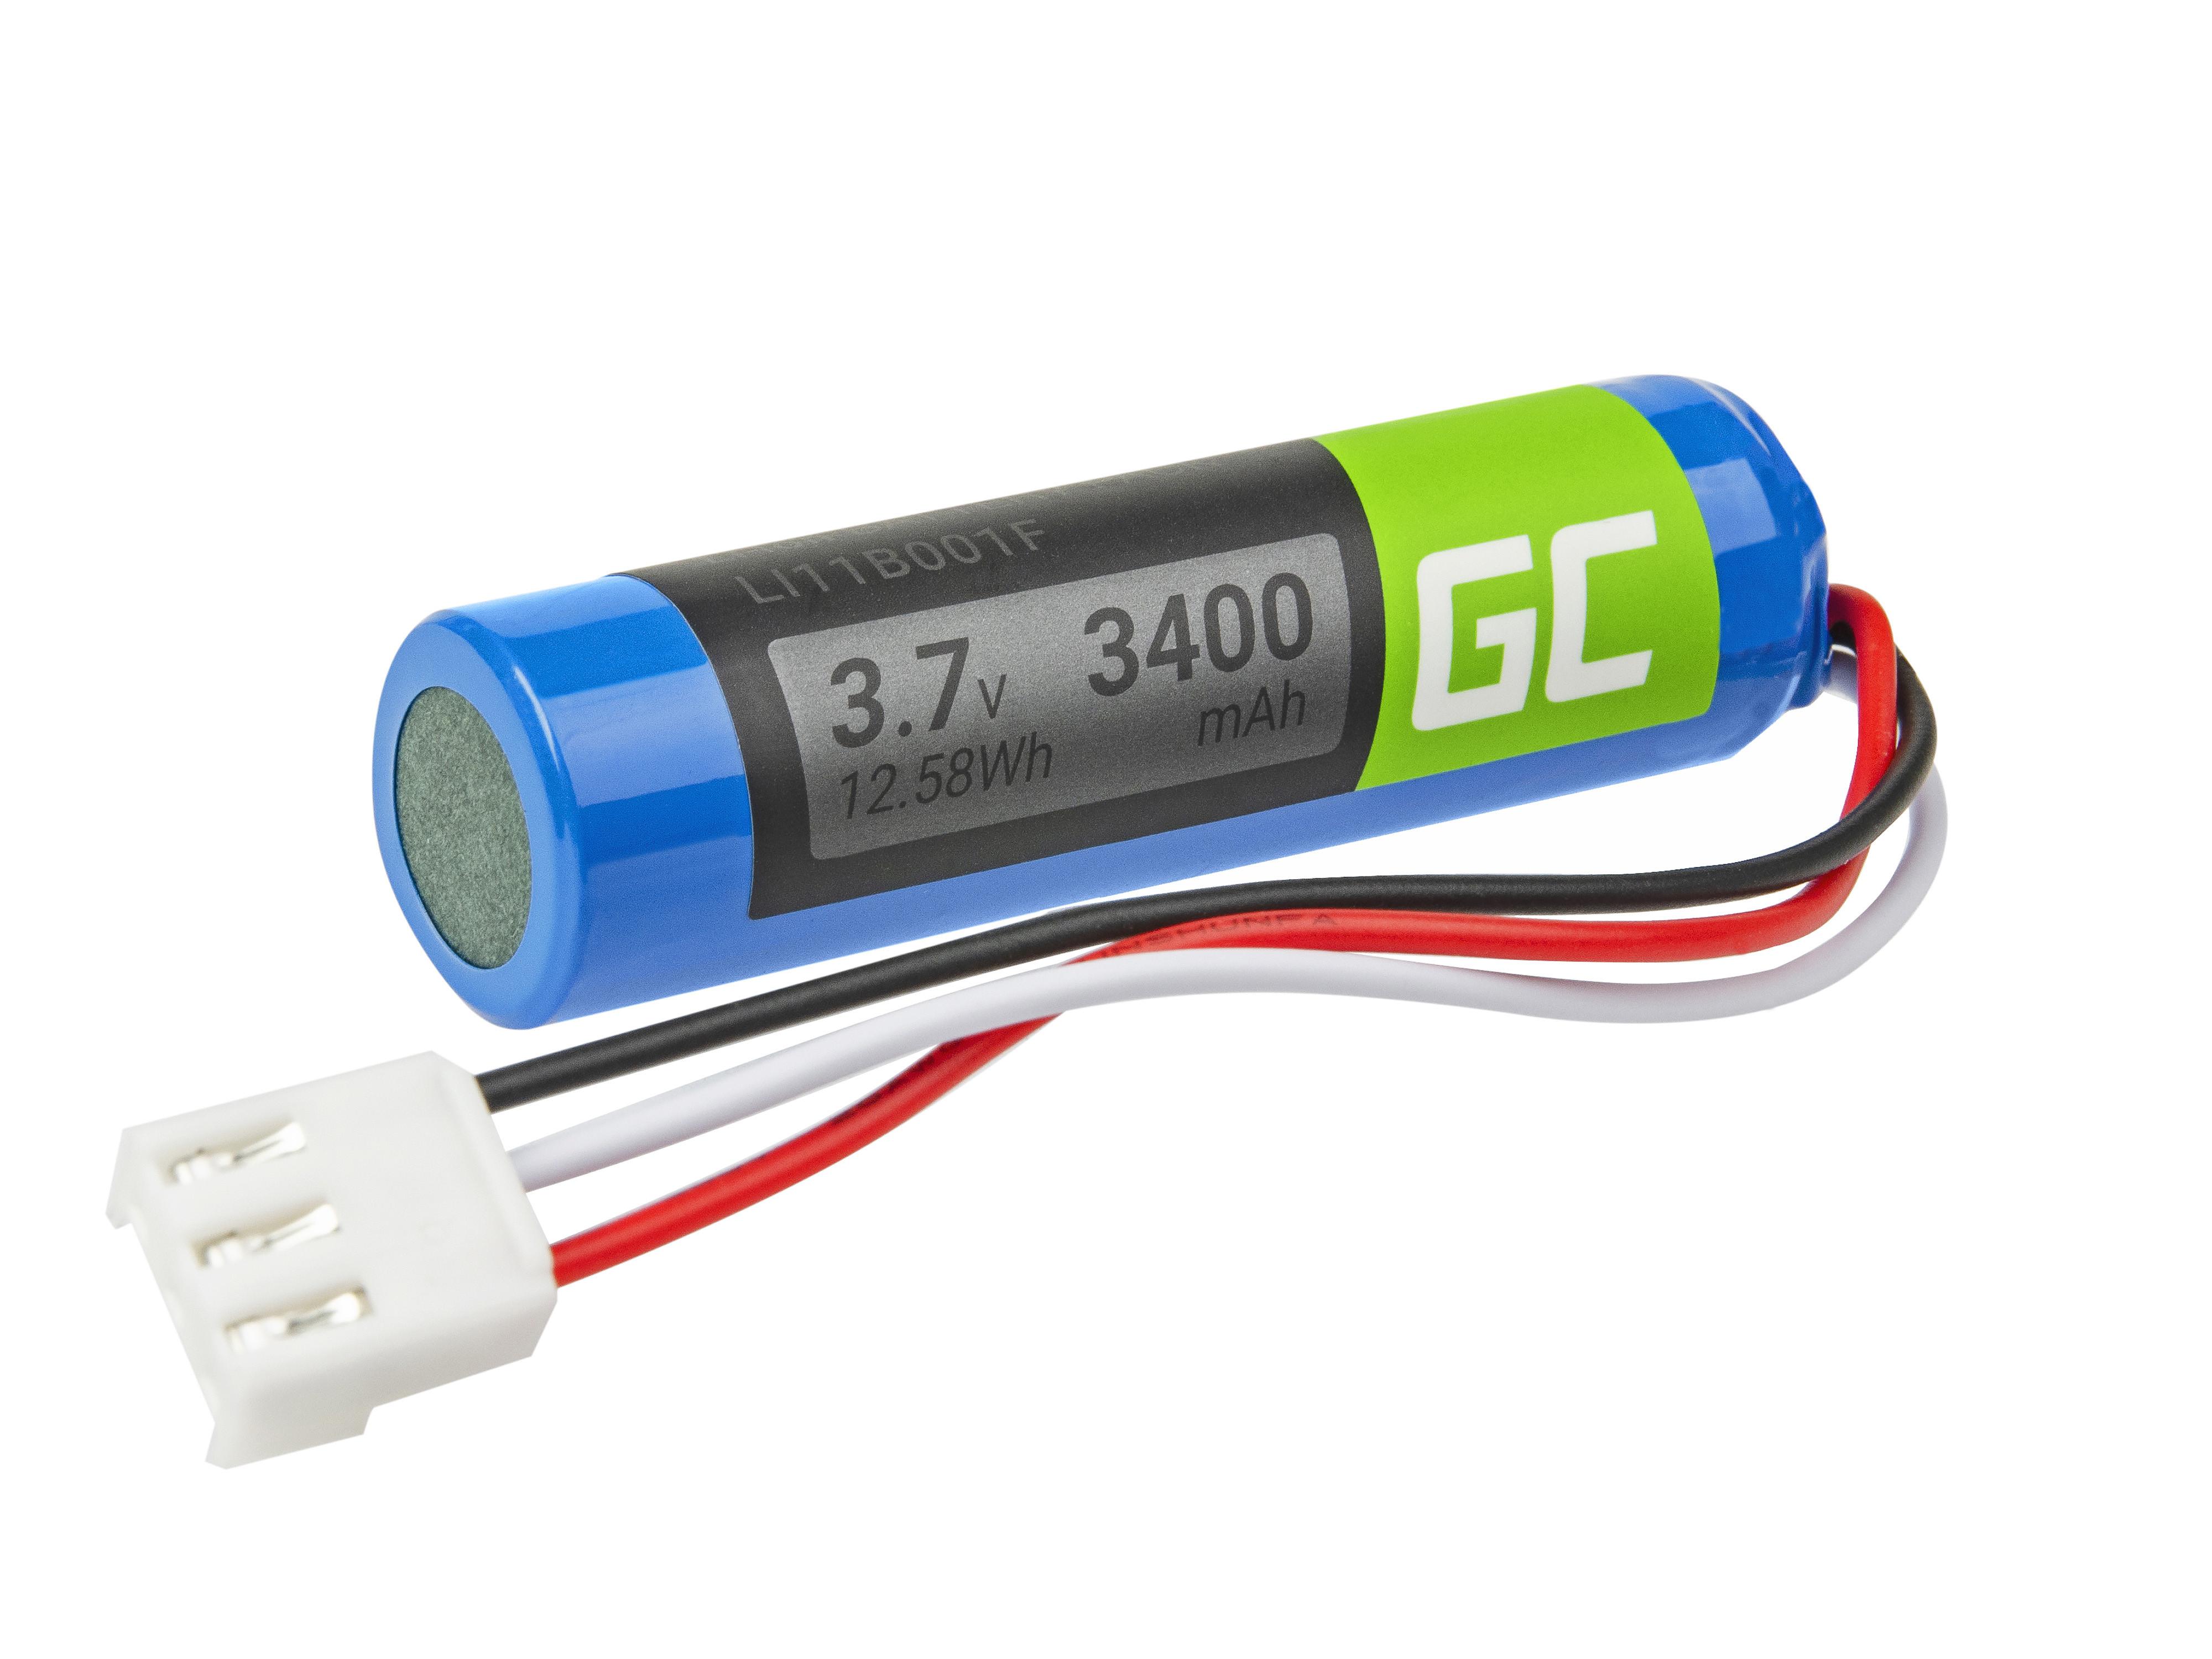 Green Cell LI11B001F Speaker Battery for Harman Kardon Onyx Studio 1, 2, 3, 4, 5